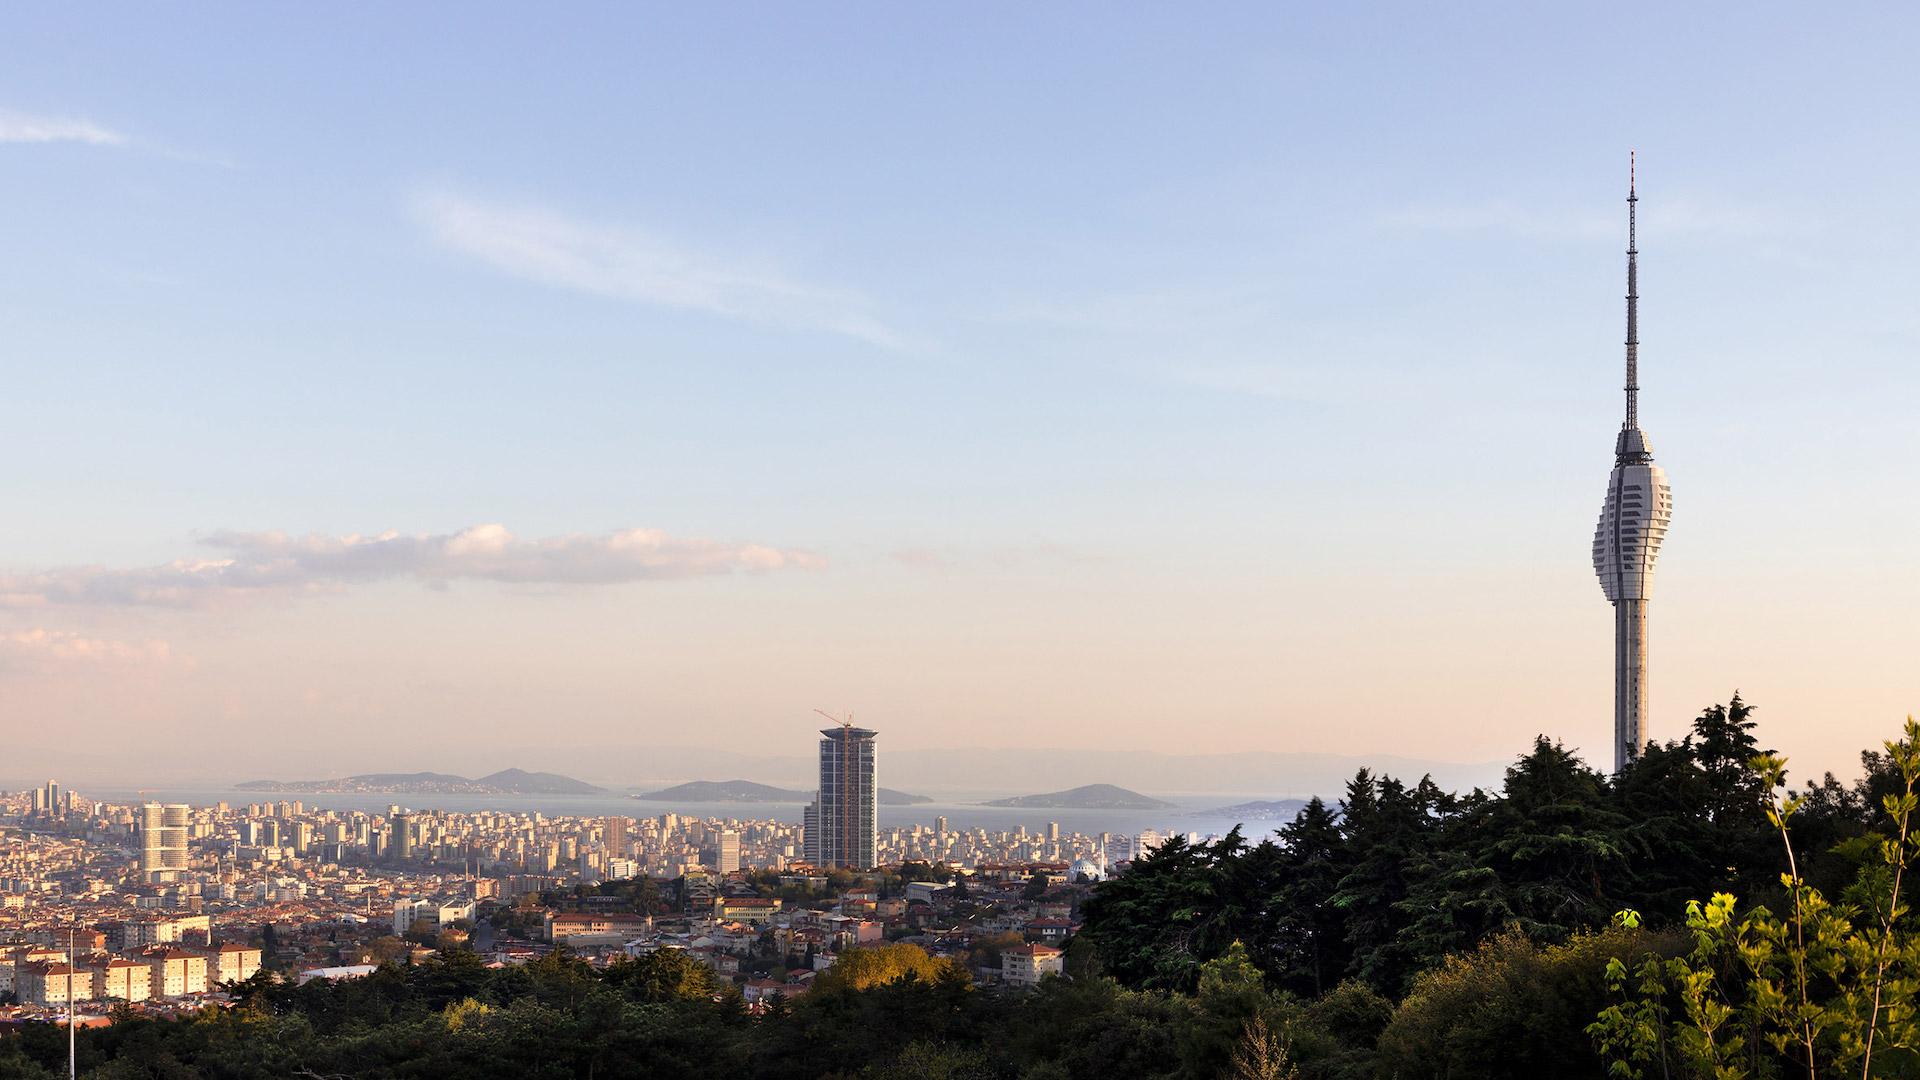 Inaugura la torre de radio en Estambul con vistas panorámicas a Europa y  Asia — Conocedores.com